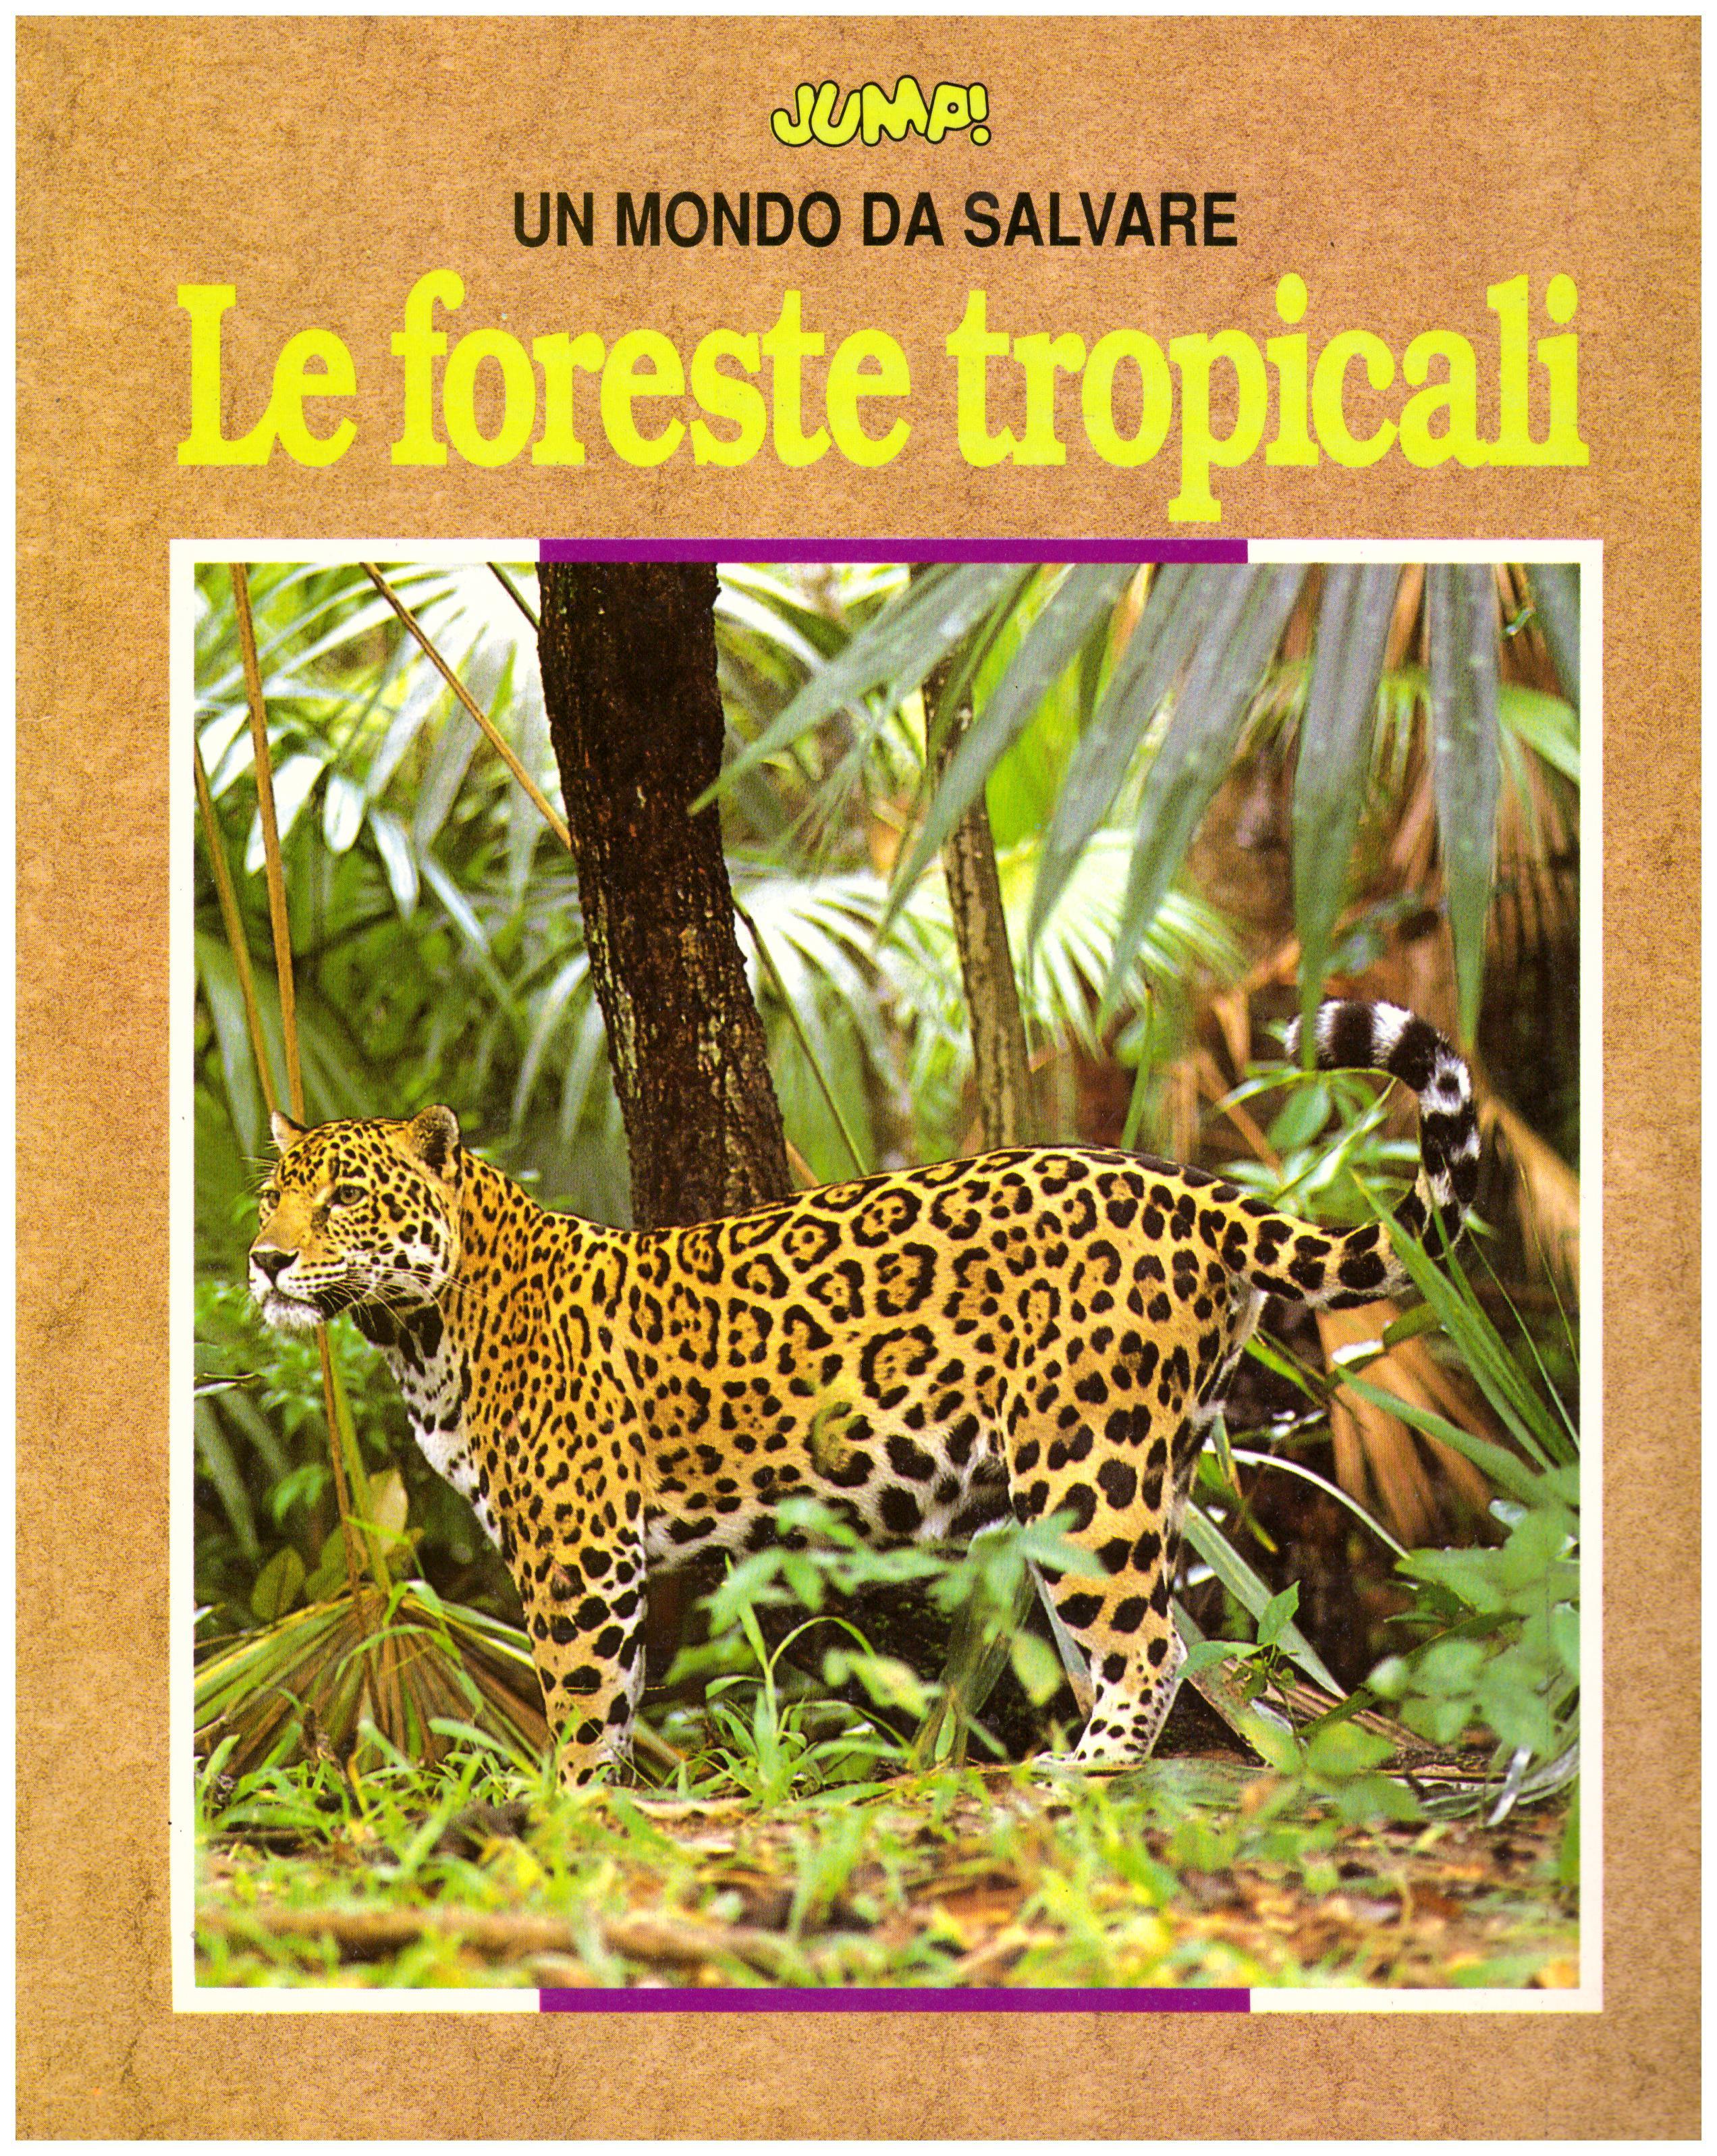 Titolo: Un mondo da salvare, le foreste tropicali     Autore: AA.VV.    Editore: Jump!